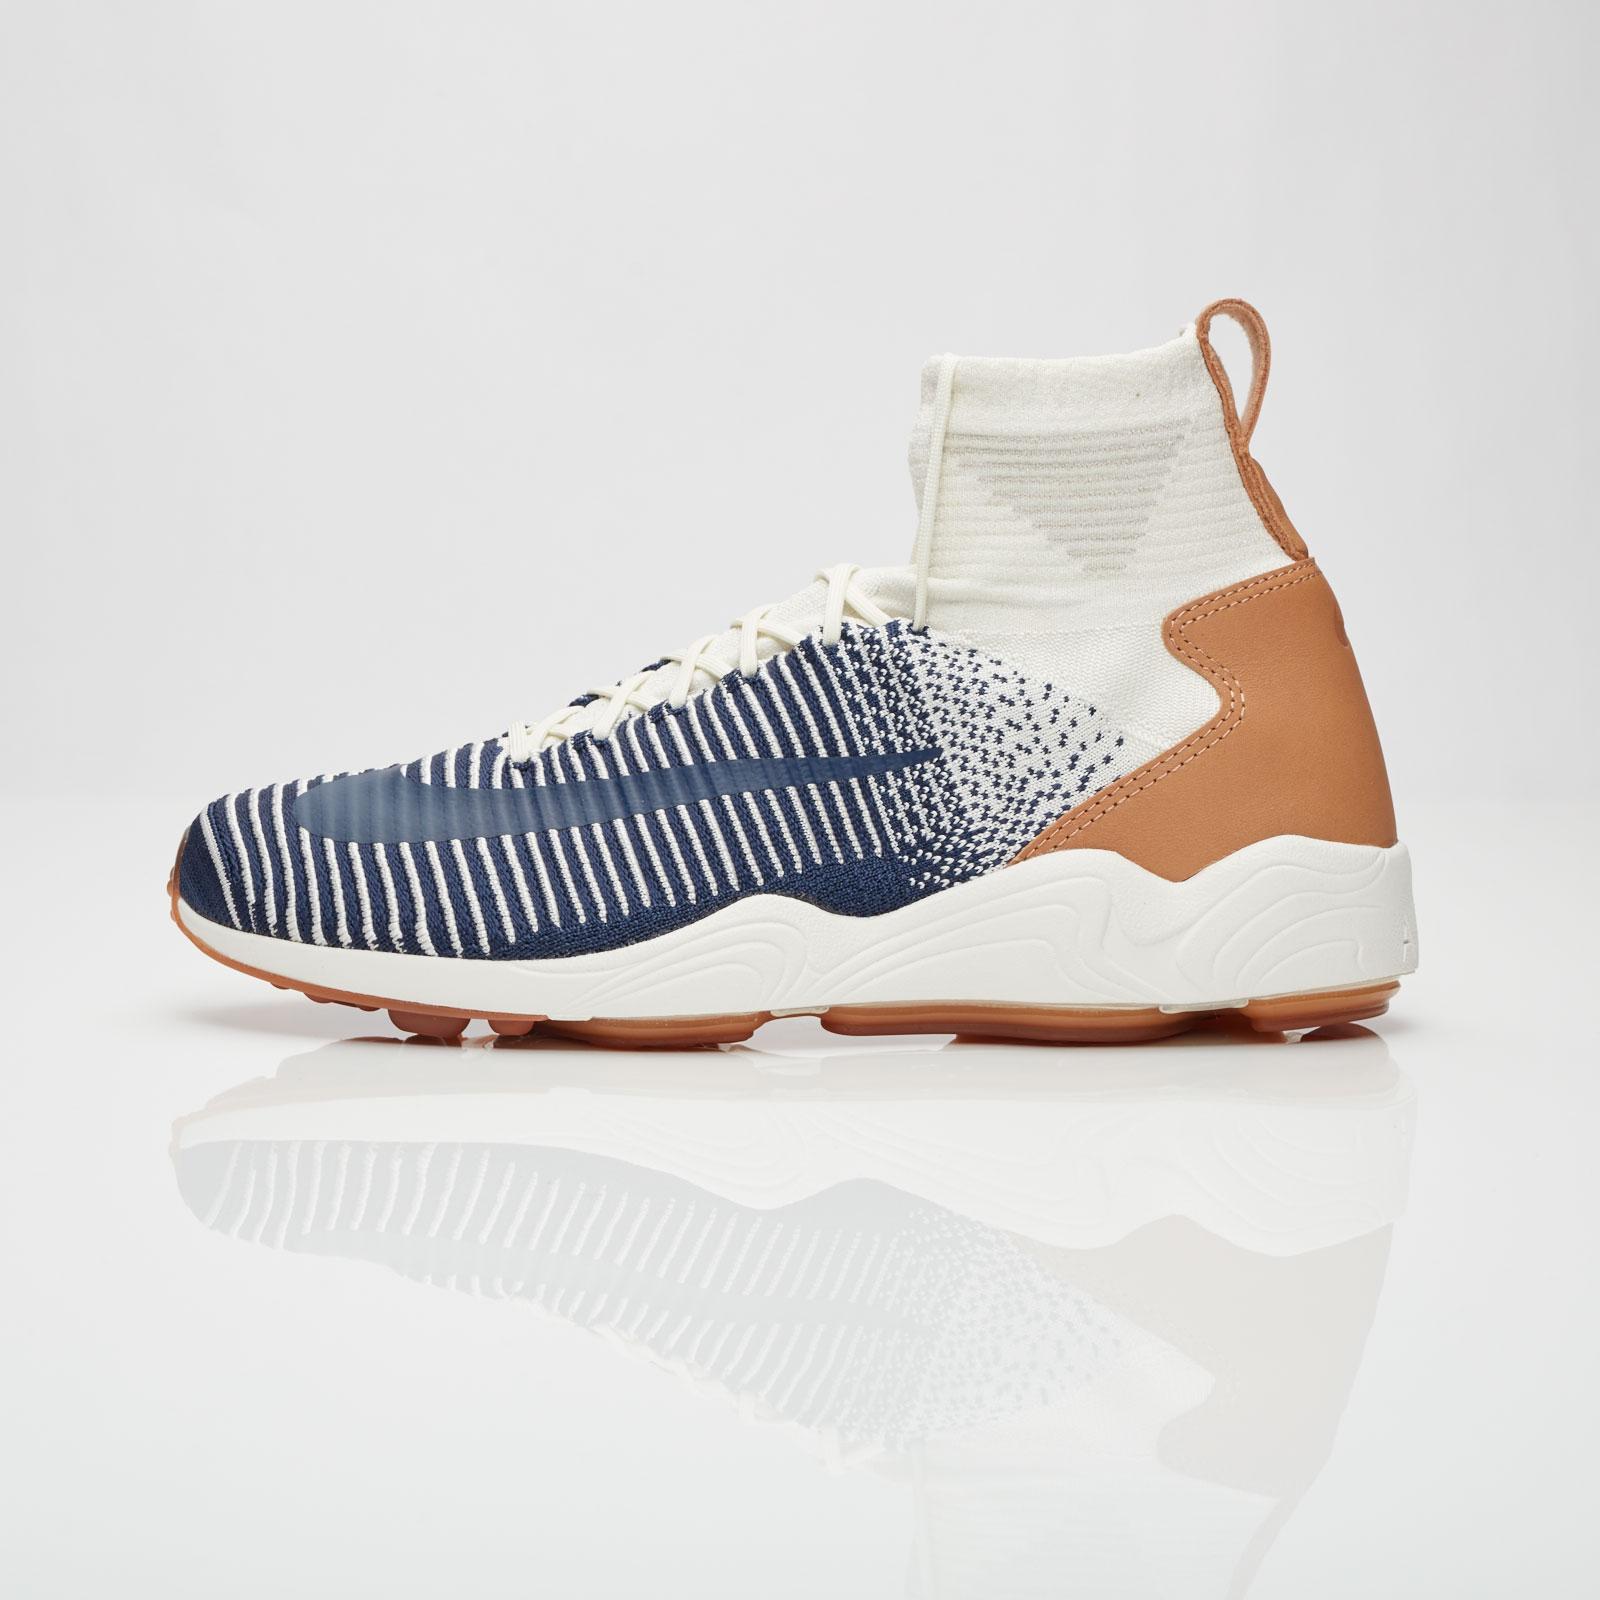 88d8929e27f8 Nike Zoom Mercurial Xi Flyknit - 844626-101 - Sneakersnstuff ...